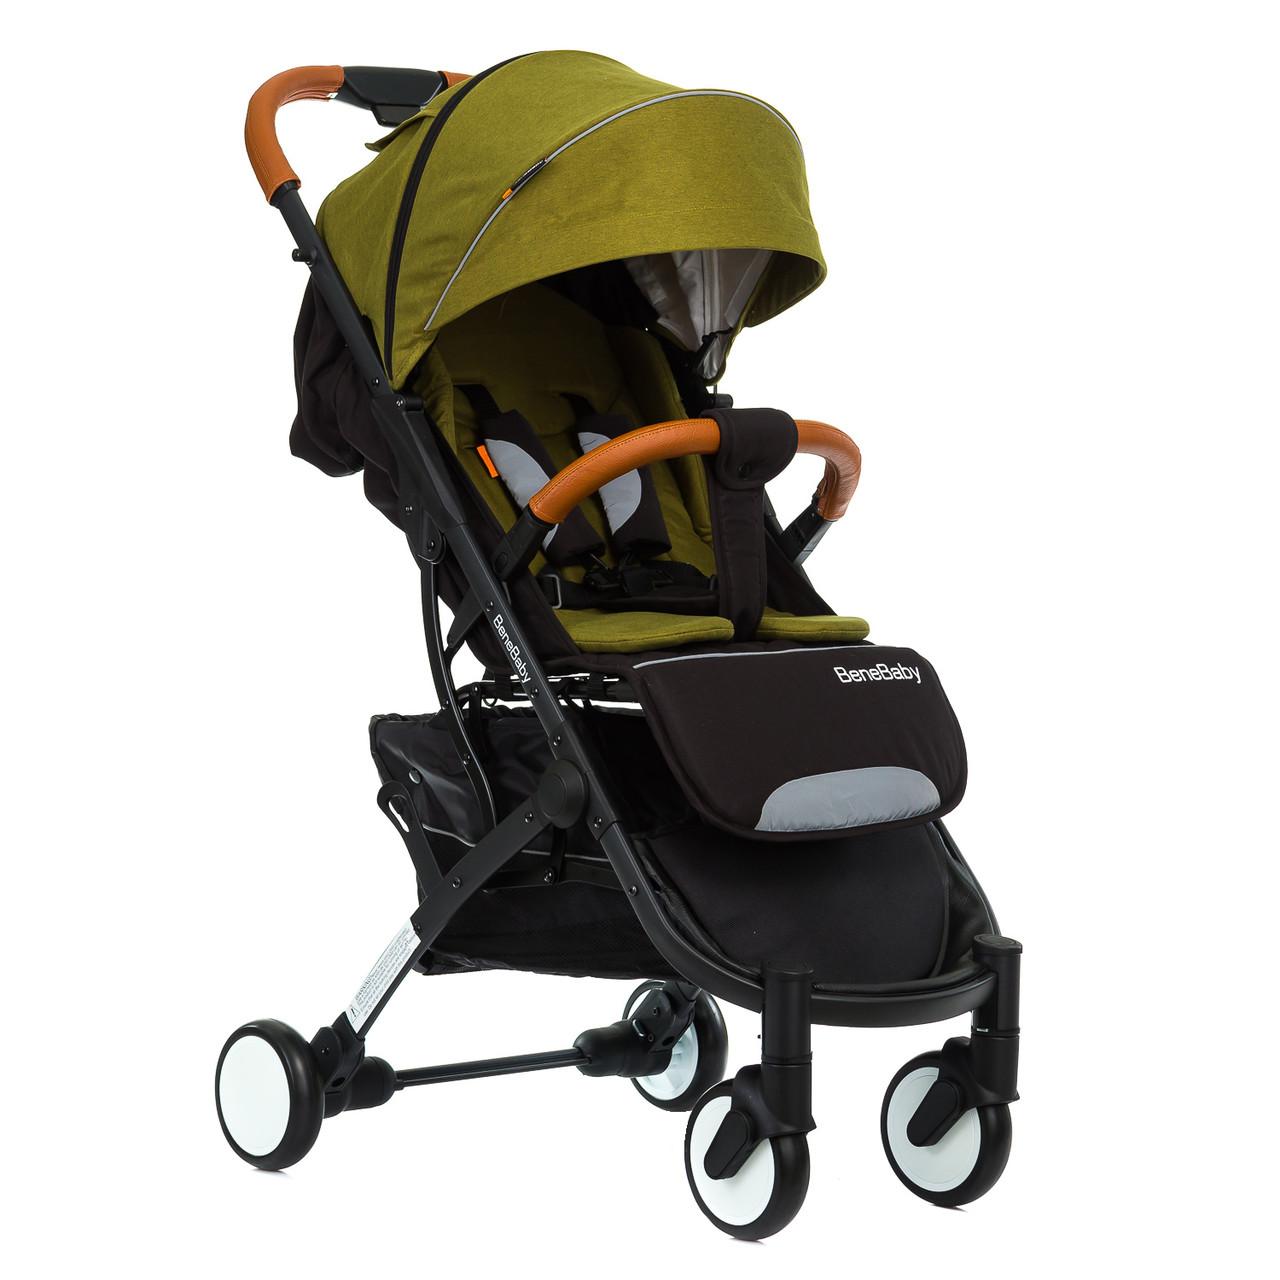 Коляска прогулочная Bene Baby D200 зелёная на чёрной раме